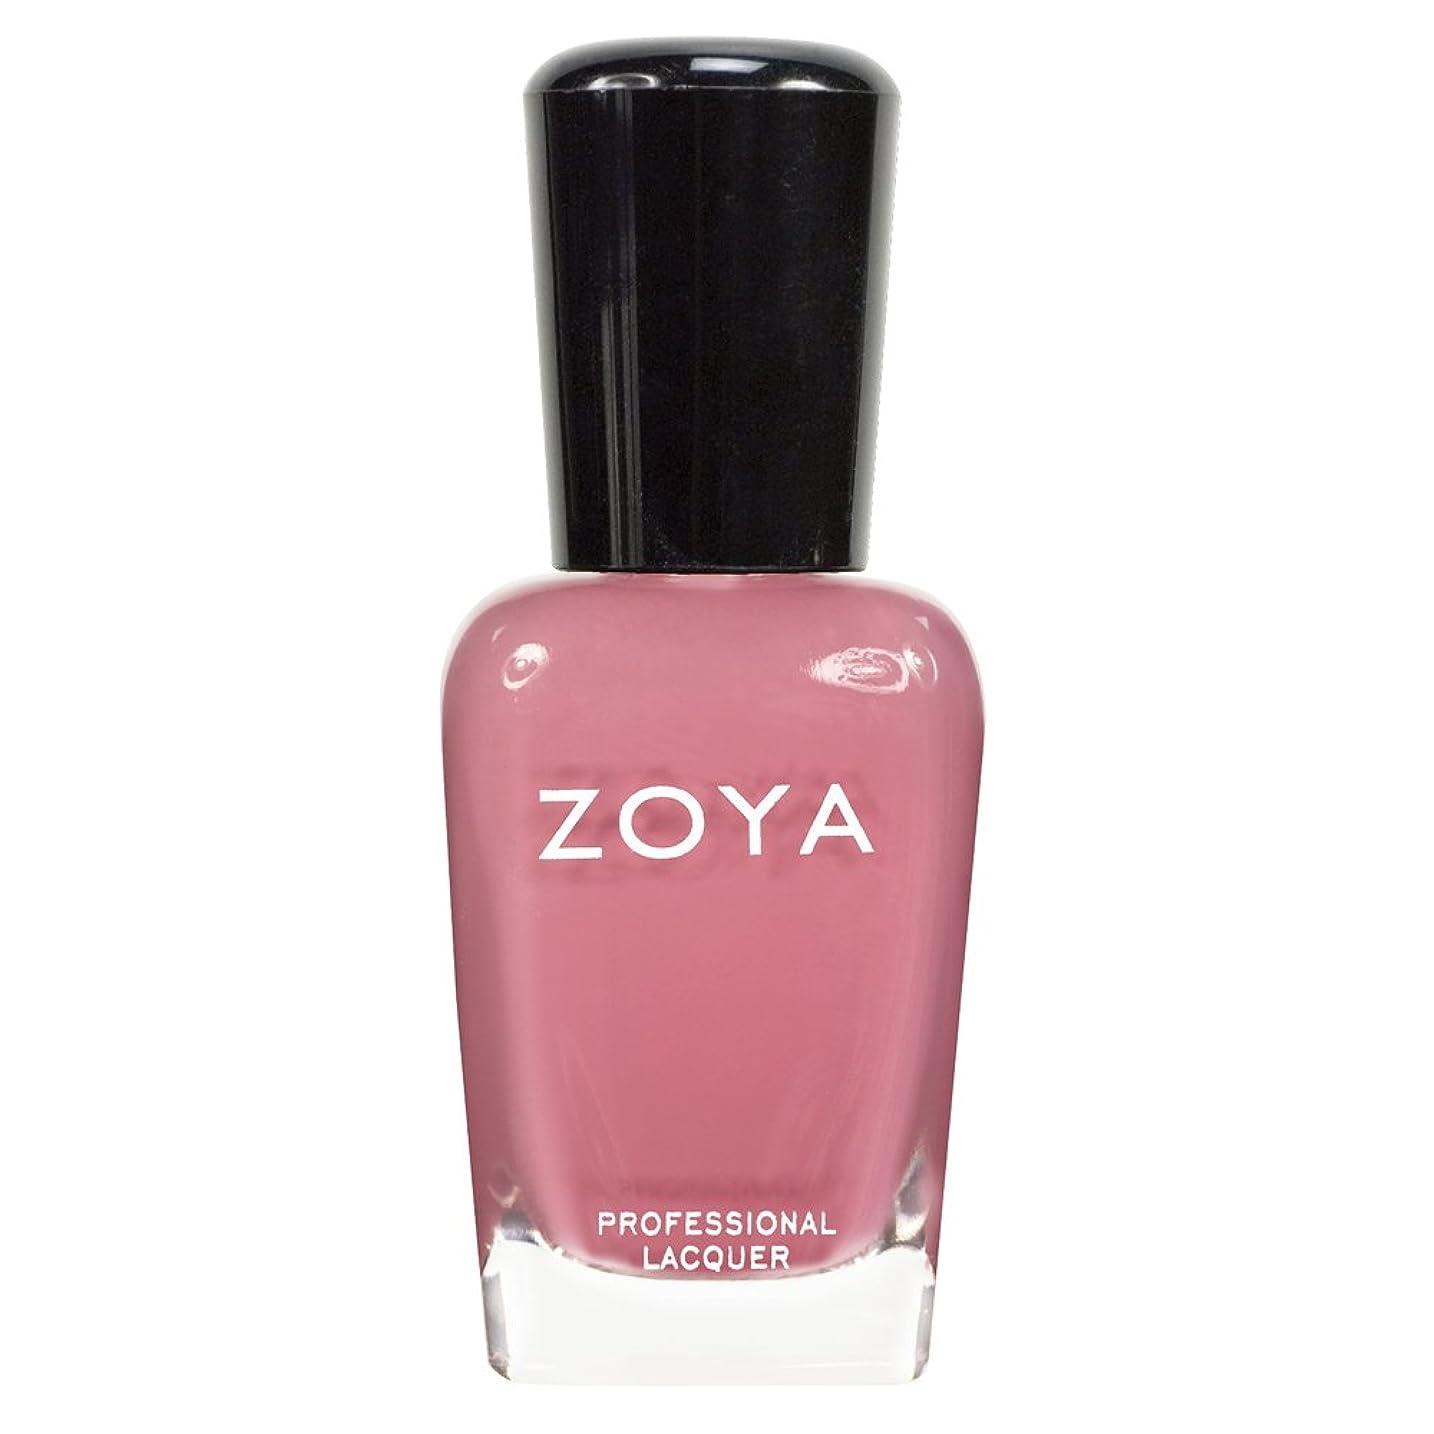 表現手当閃光ZOYA ゾーヤ ネイルカラーZP436 ZANNA ザンナ  15ml 淡いモーブピンク マット 爪にやさしいネイルラッカーマニキュア